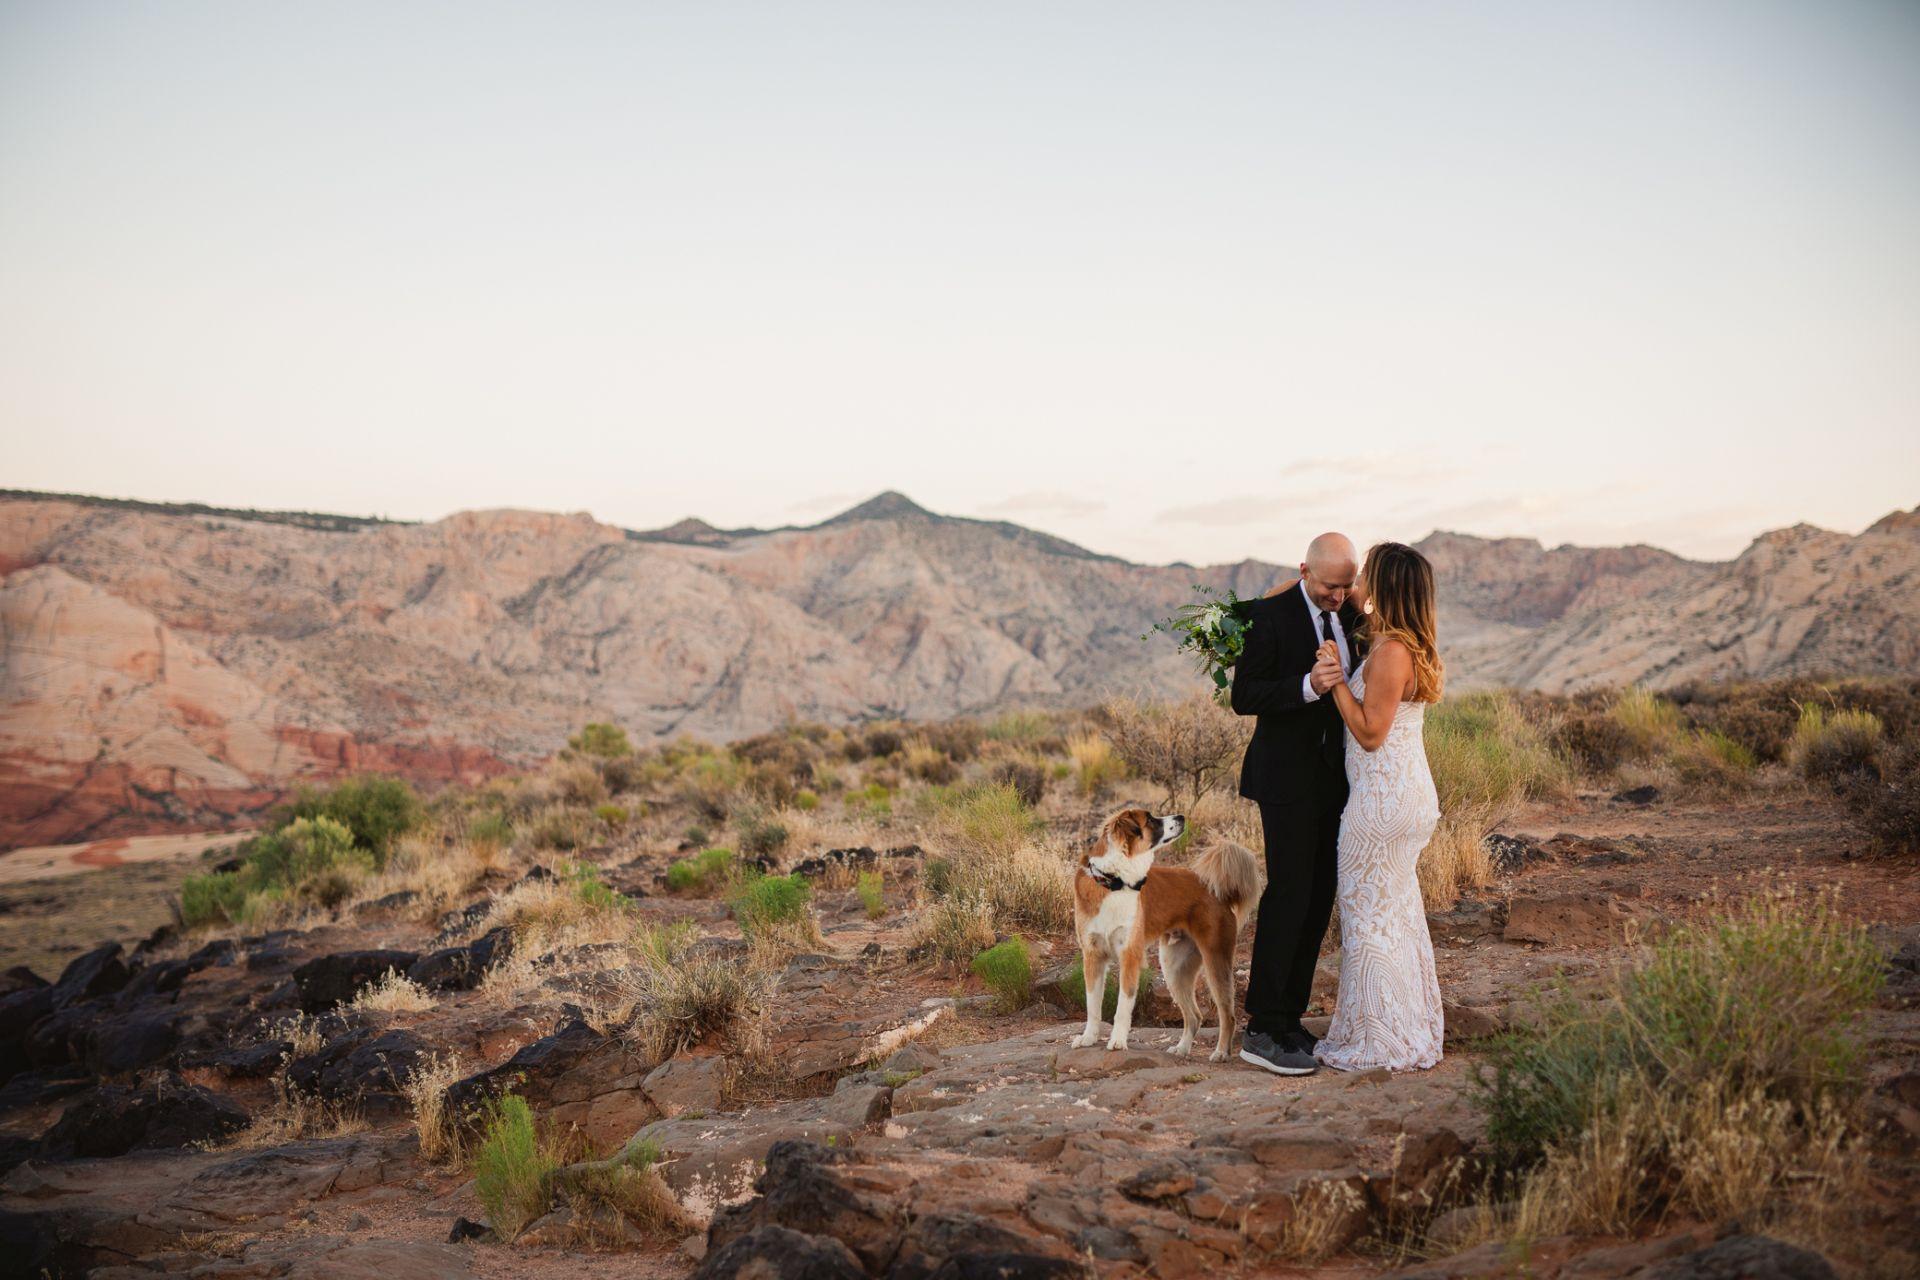 hiking elopement utah desert - bride and groom dancing in the desert